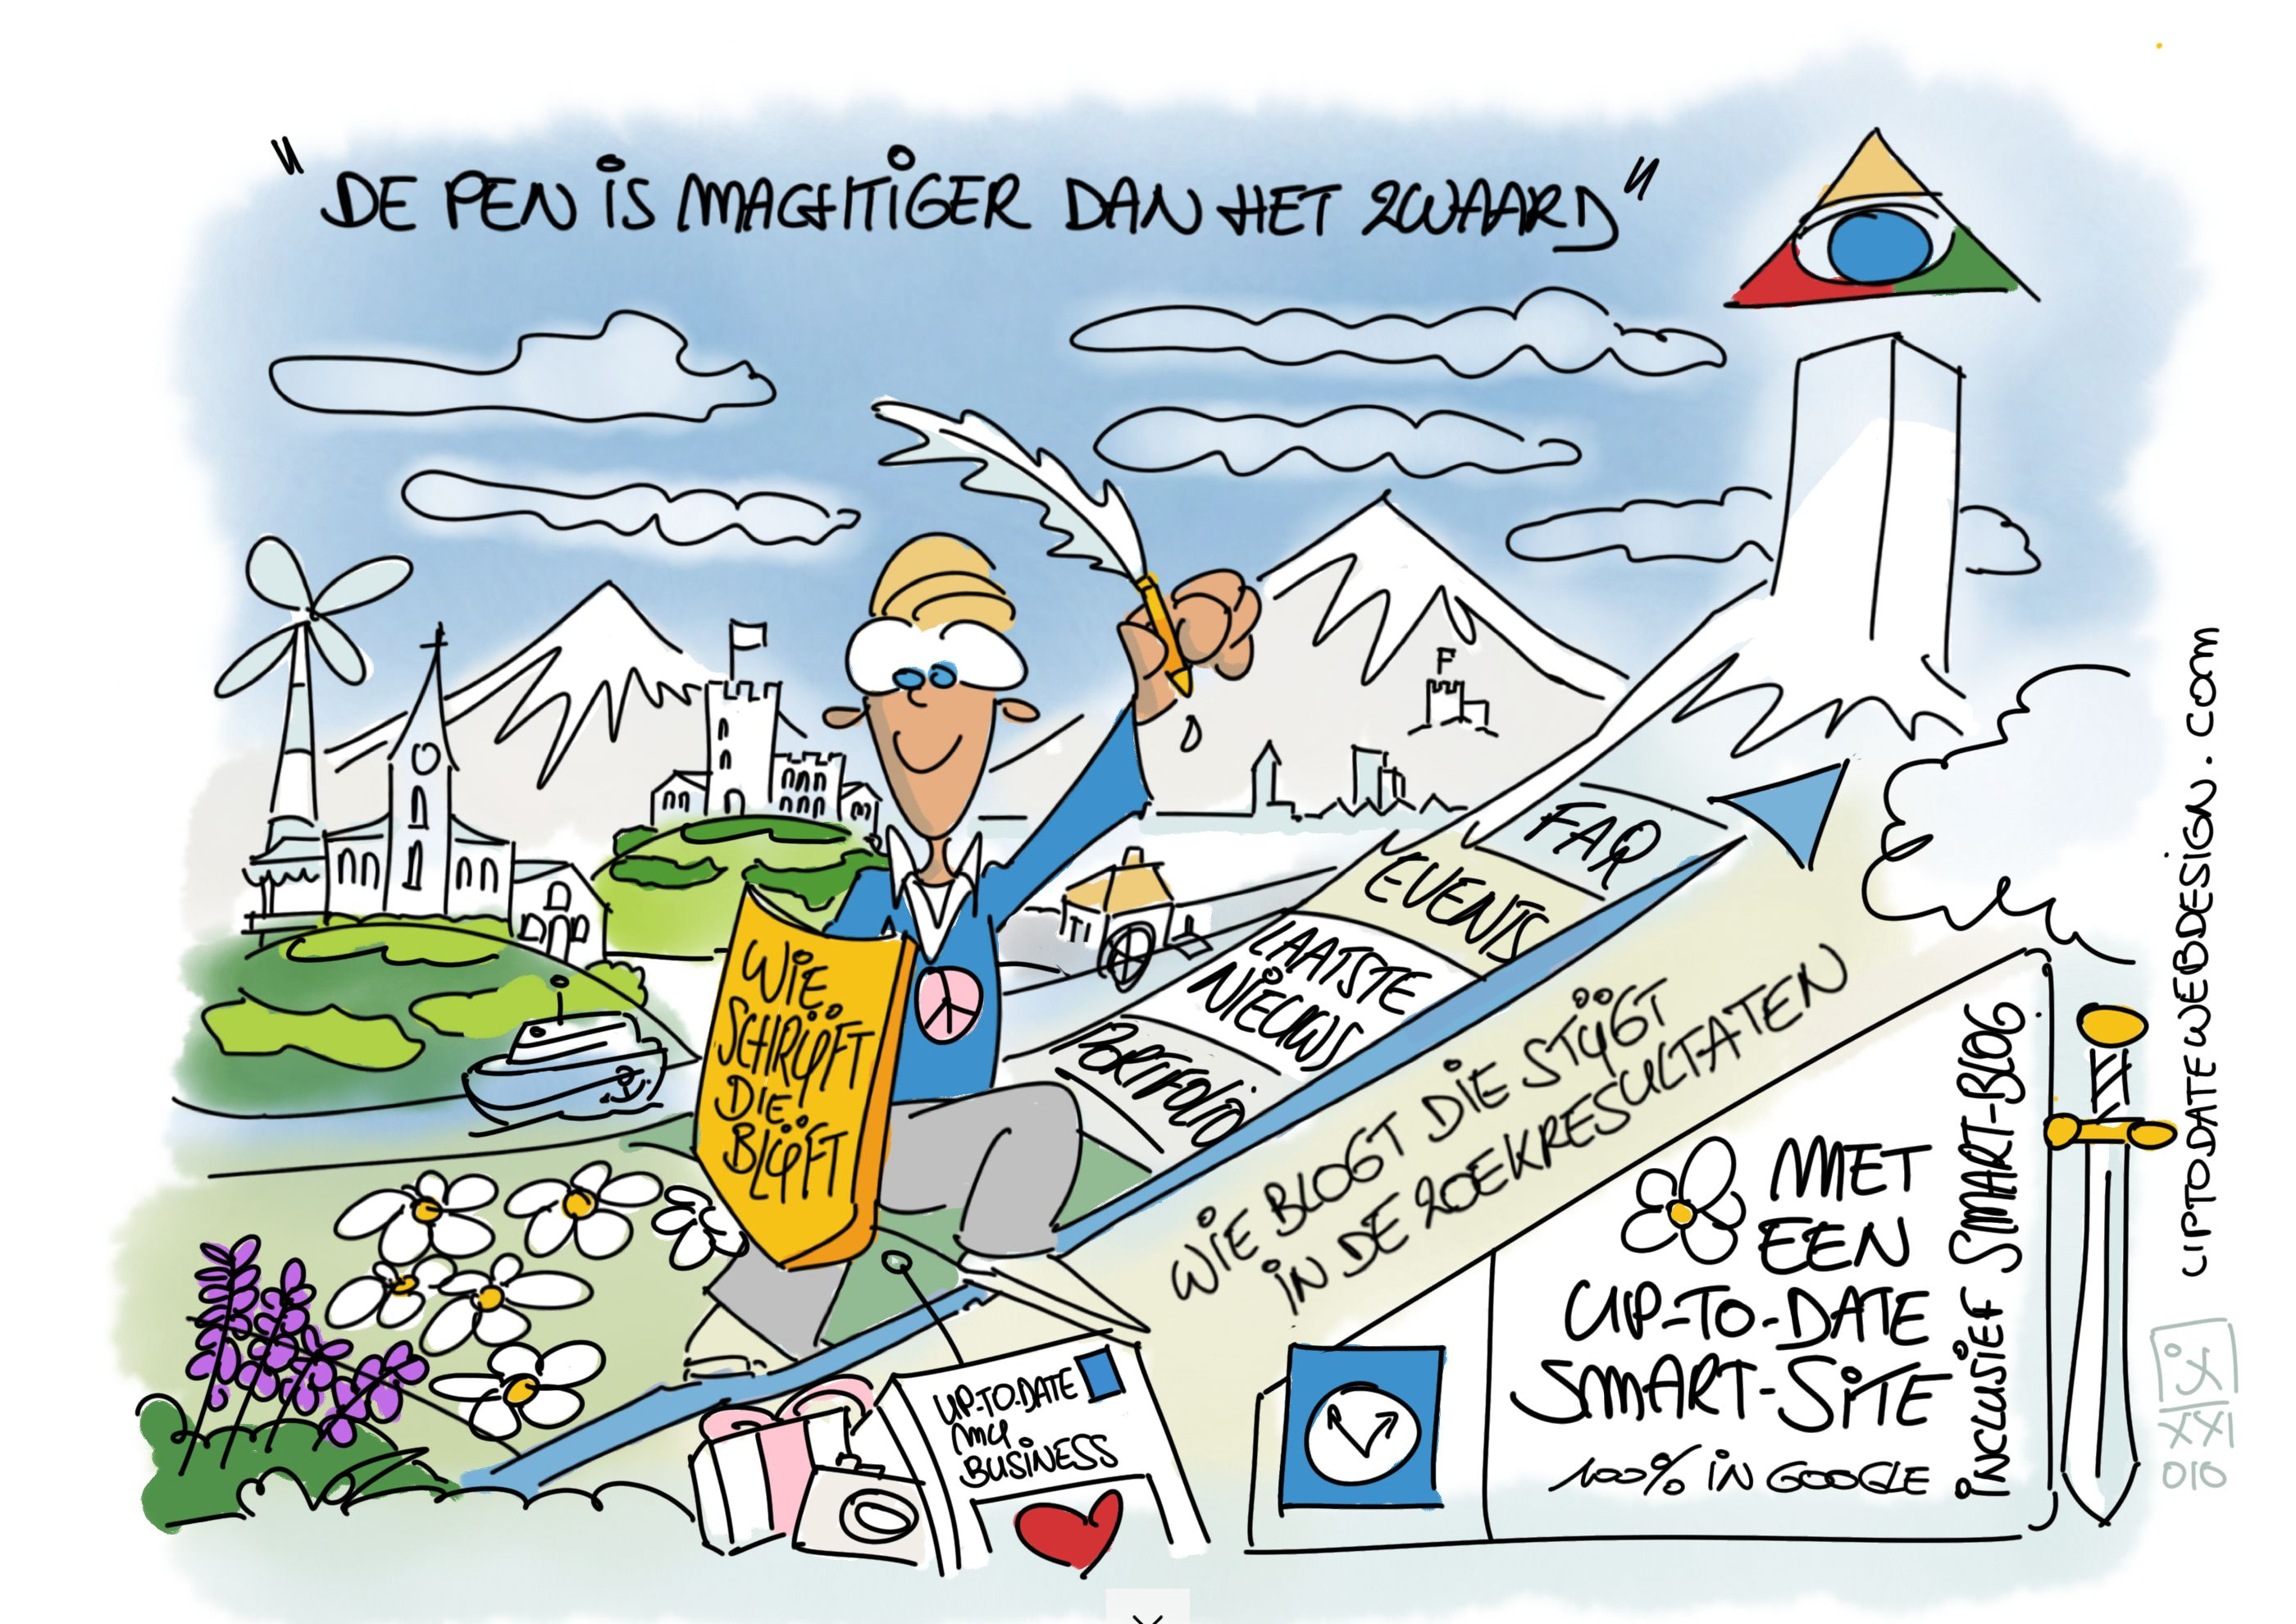 UP-TO-DATE Cartoon 010 - Wie blogt die stijgt - Ivan Jans.PNG